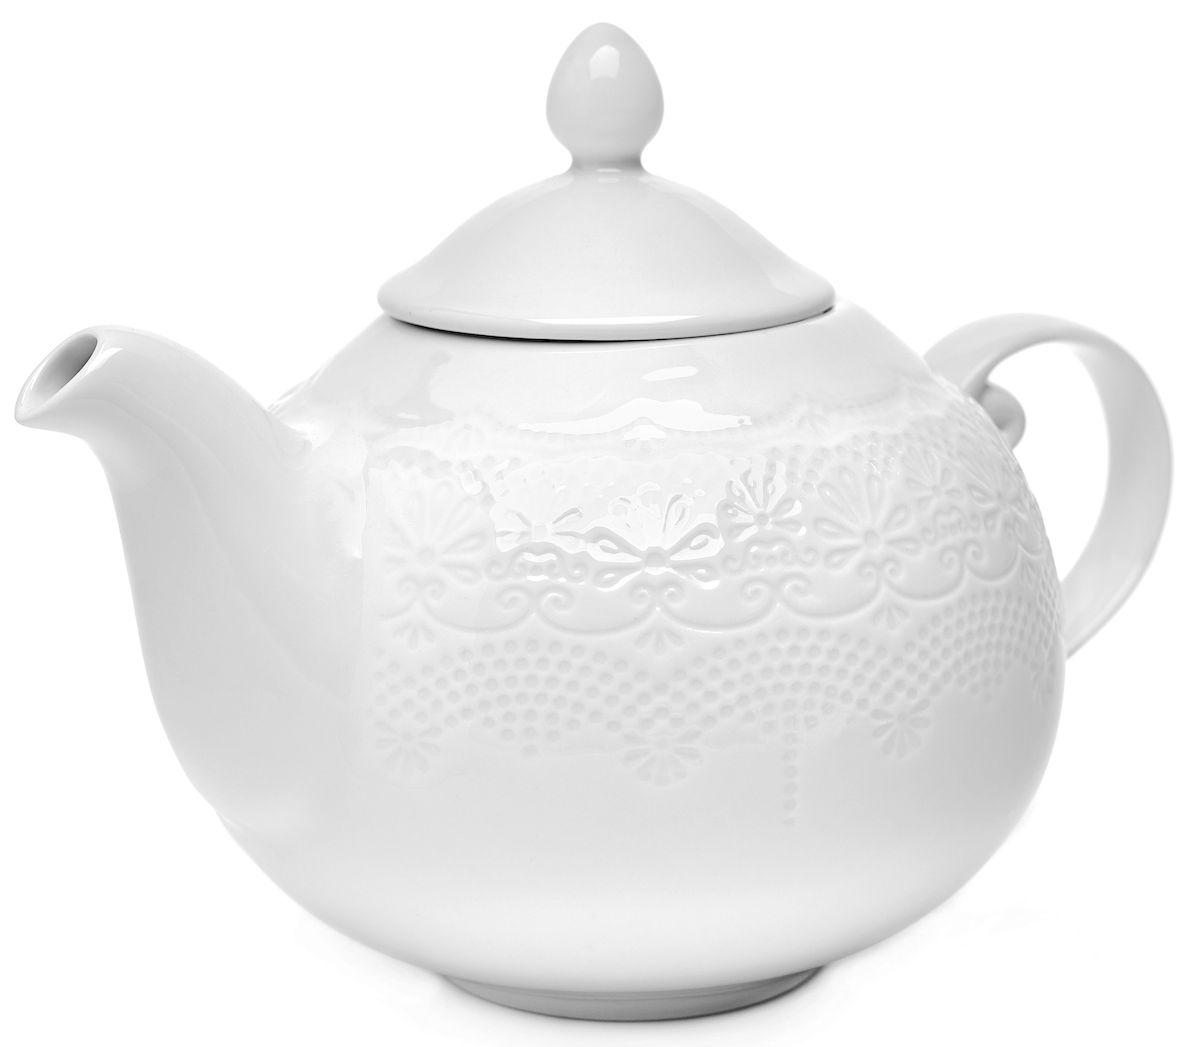 Чайник заварочный Walmer Emily, 1 лW07680100Заварочный чайник Walmer Emily изготовлен извысококачественного фарфора. Изделие прекрасно подходит для заваривания вкусного и ароматного чая,травяных настоев. Оригинальный дизайн сделает чайник настоящим украшением стола. Онудобен в использовании и понравится каждому.Высота чайника (без учета крышки): 14,5 см.